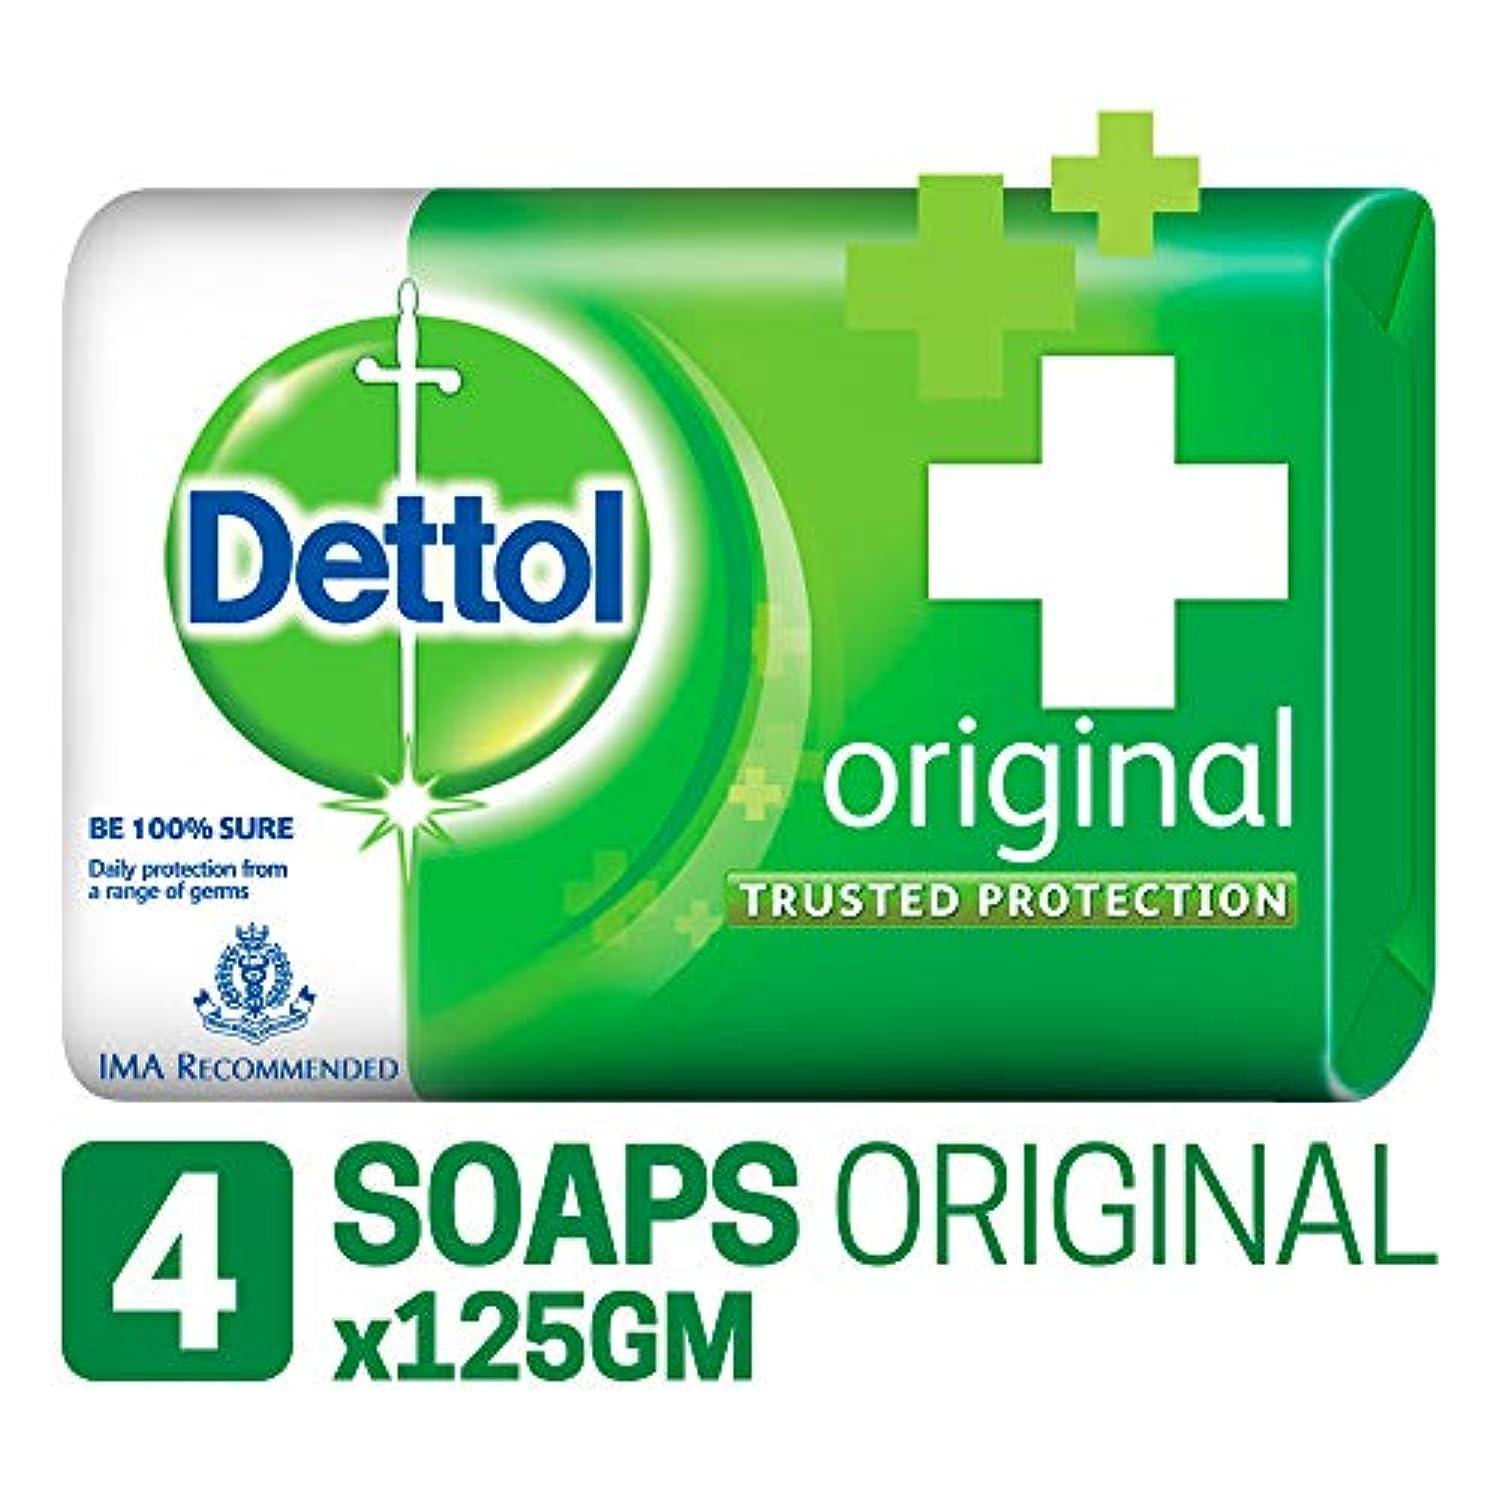 ユダヤ人長々とよりDettol Original Soap, 125g (Pack Of 4) SHIP FROM INDIA